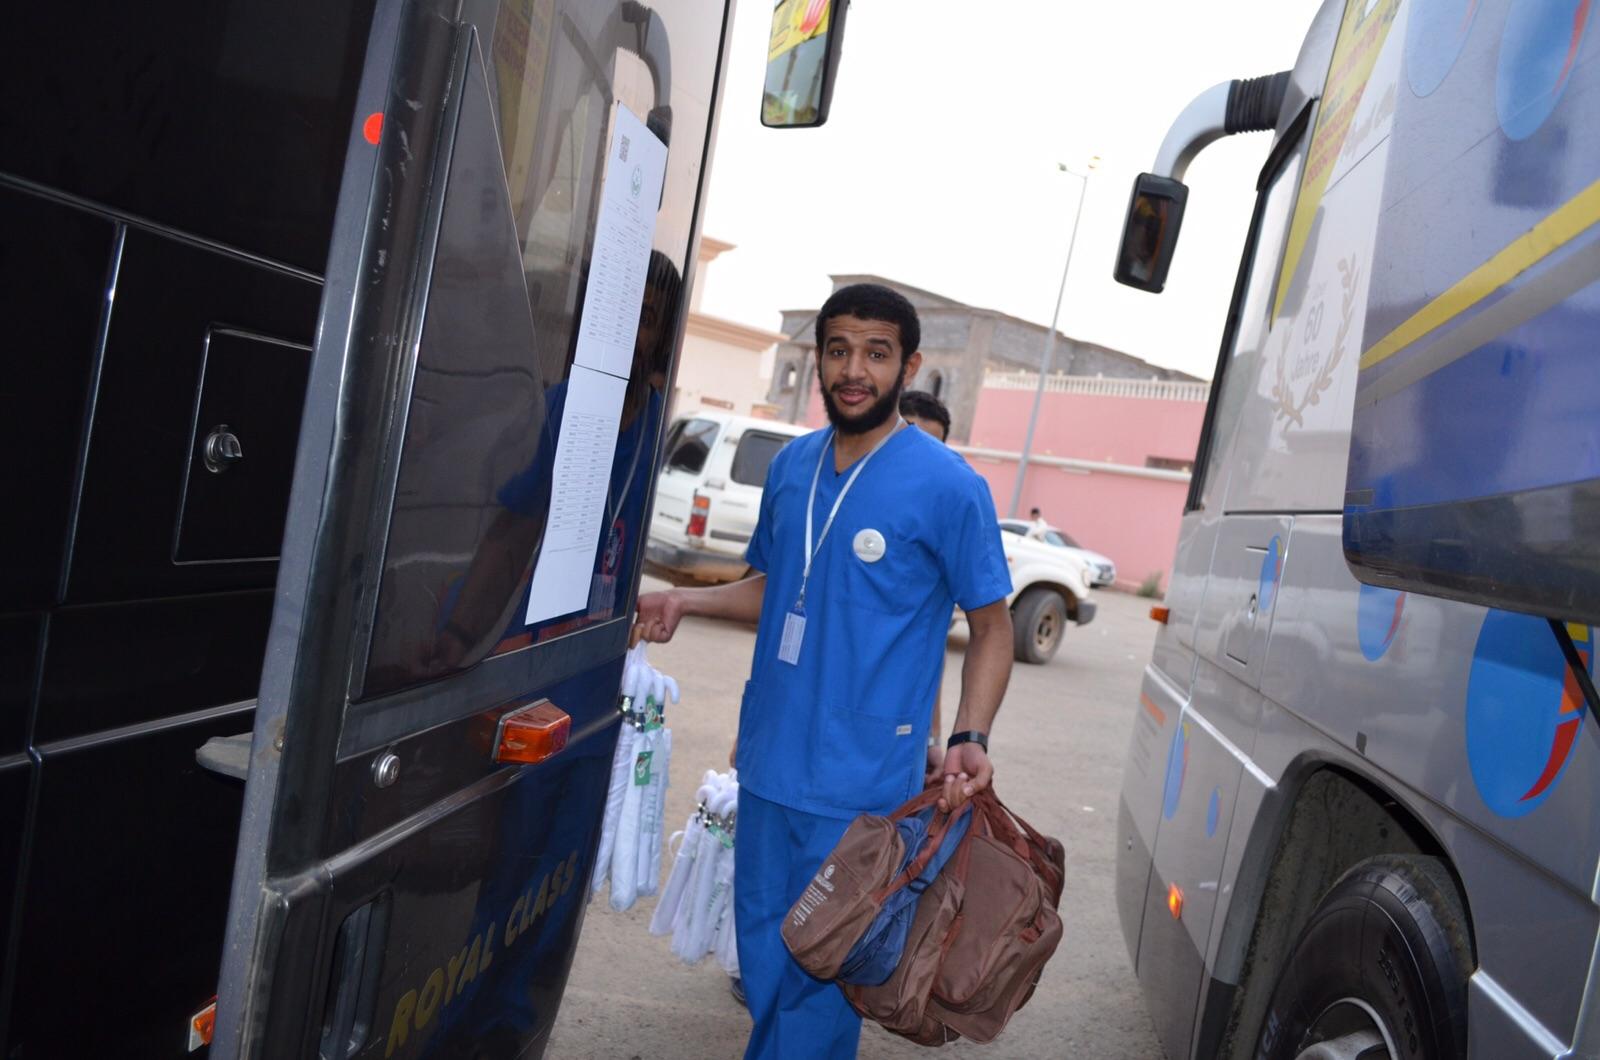 رواد #جازان يوزع أكثر من 1000 حقيبة صحية لحجاج الداخل - المواطن